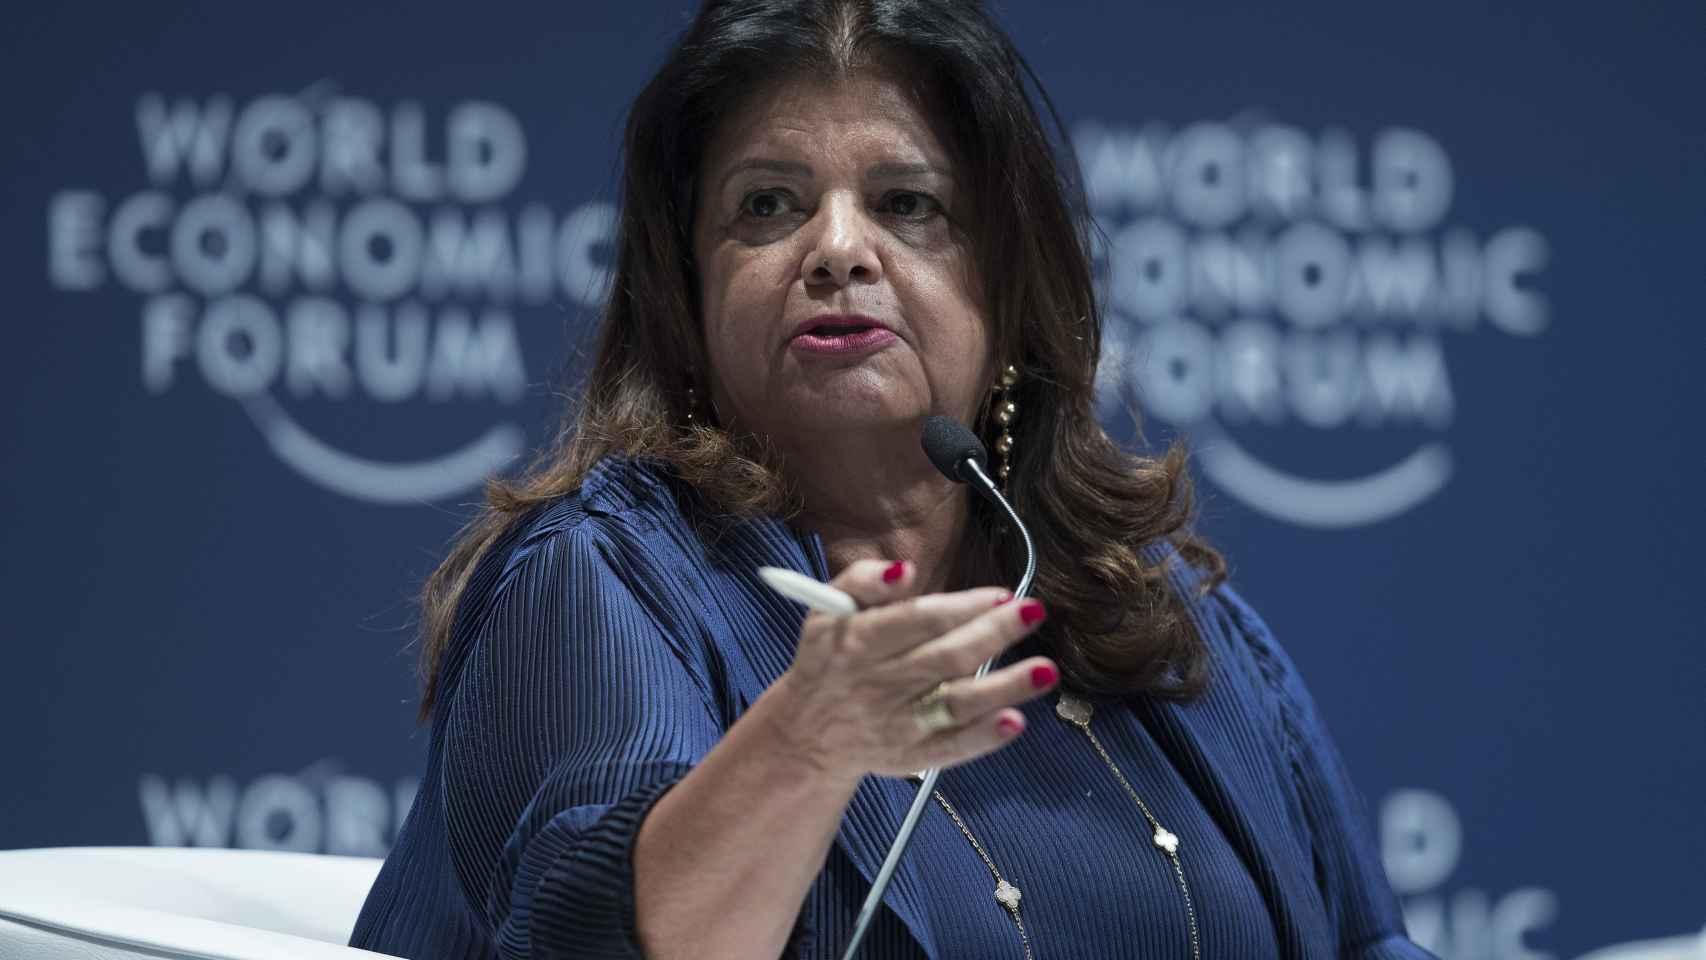 Luiza Helena Trajano durante el Foro Económico para Latinoamérica, en Sao Paulo (Brasil).